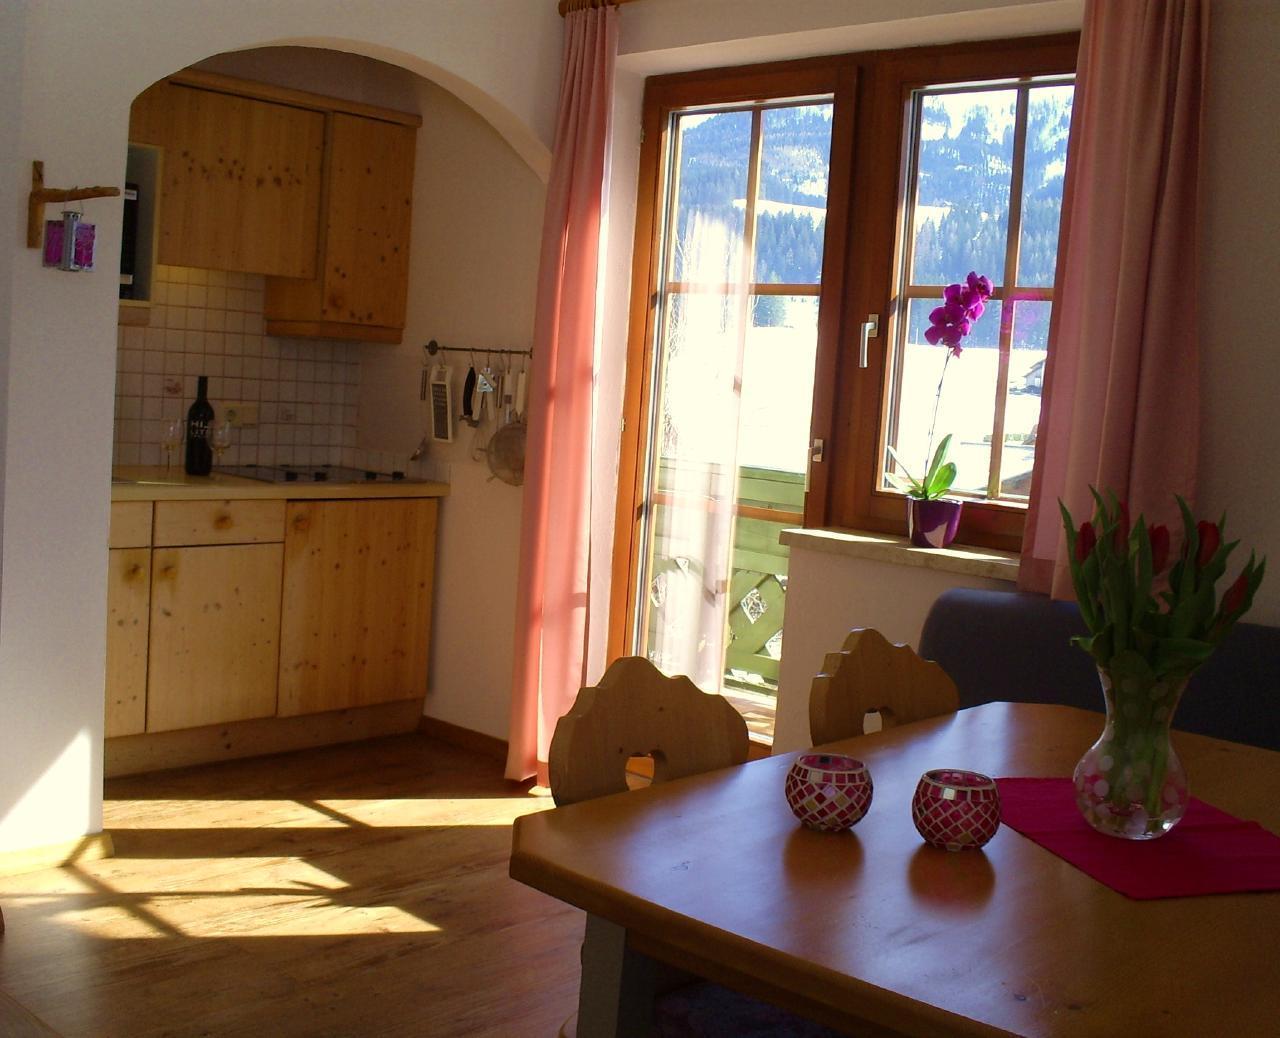 Appartement de vacances Ferienwohnungen Gsenger (484802), Abtenau, Tennengau, Salzbourg, Autriche, image 9